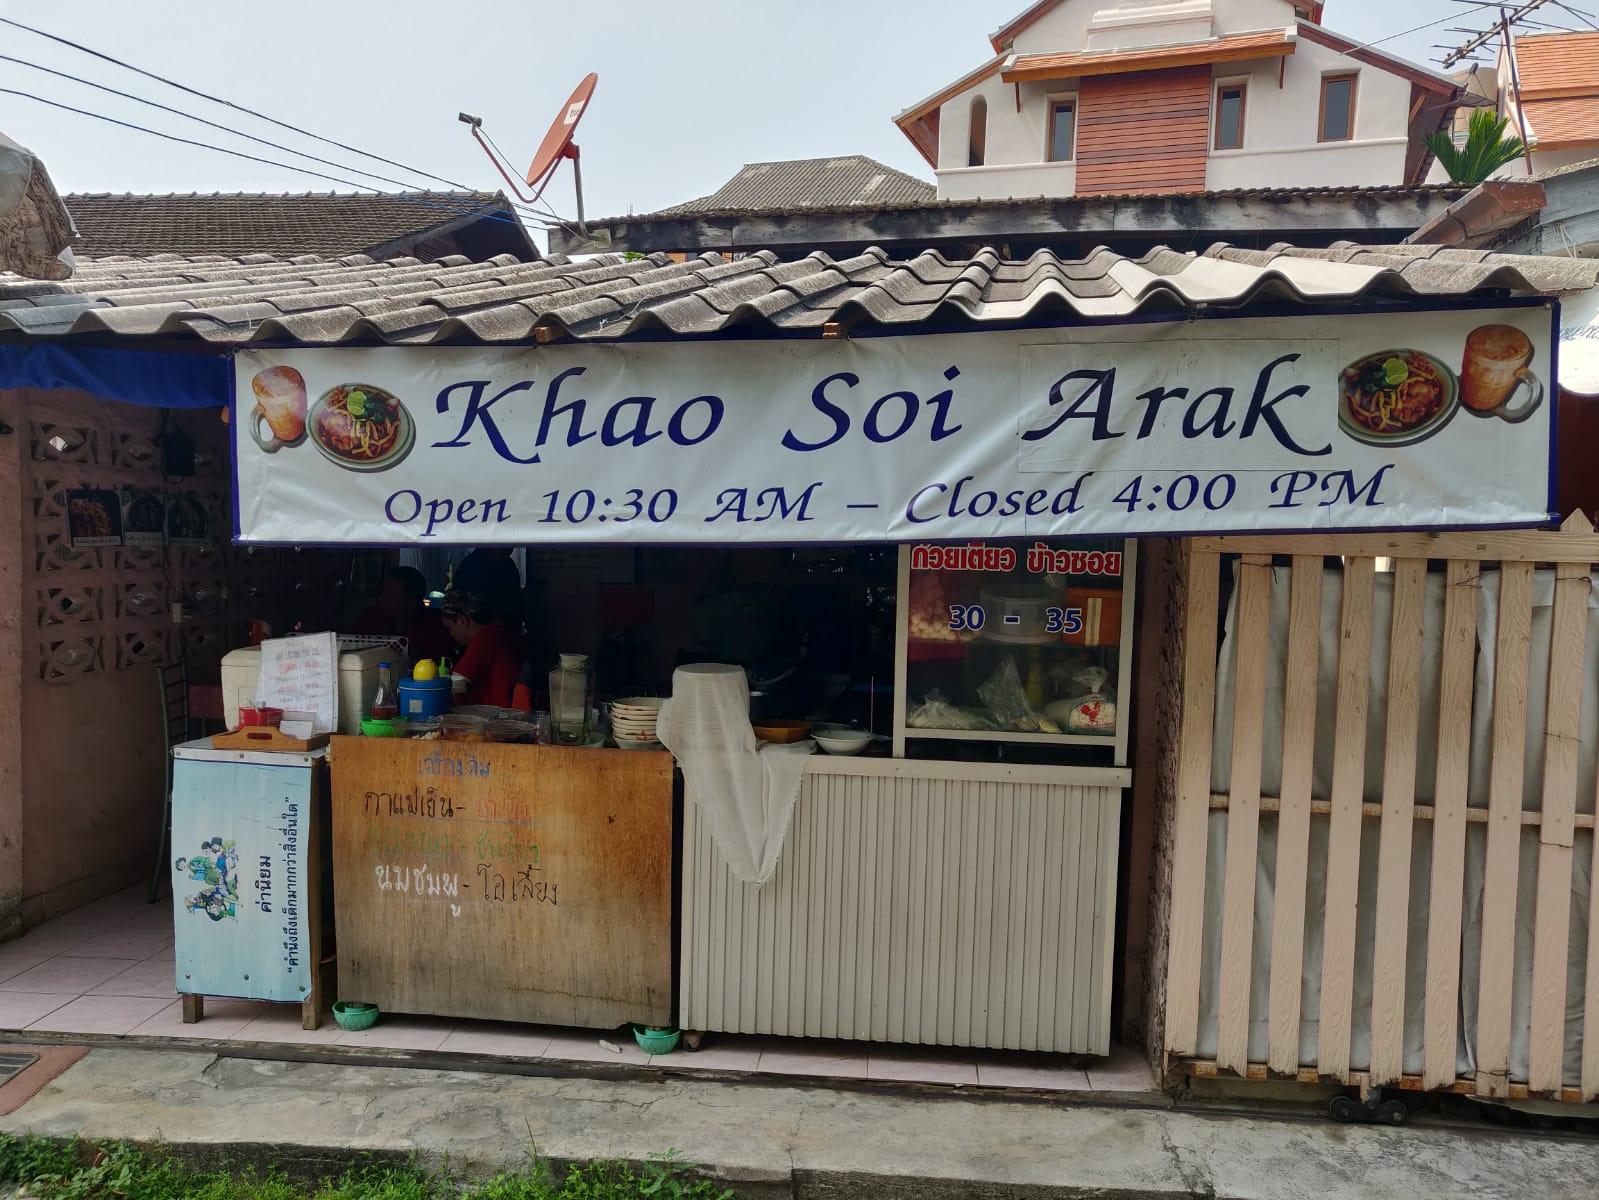 Khao Soi Arak